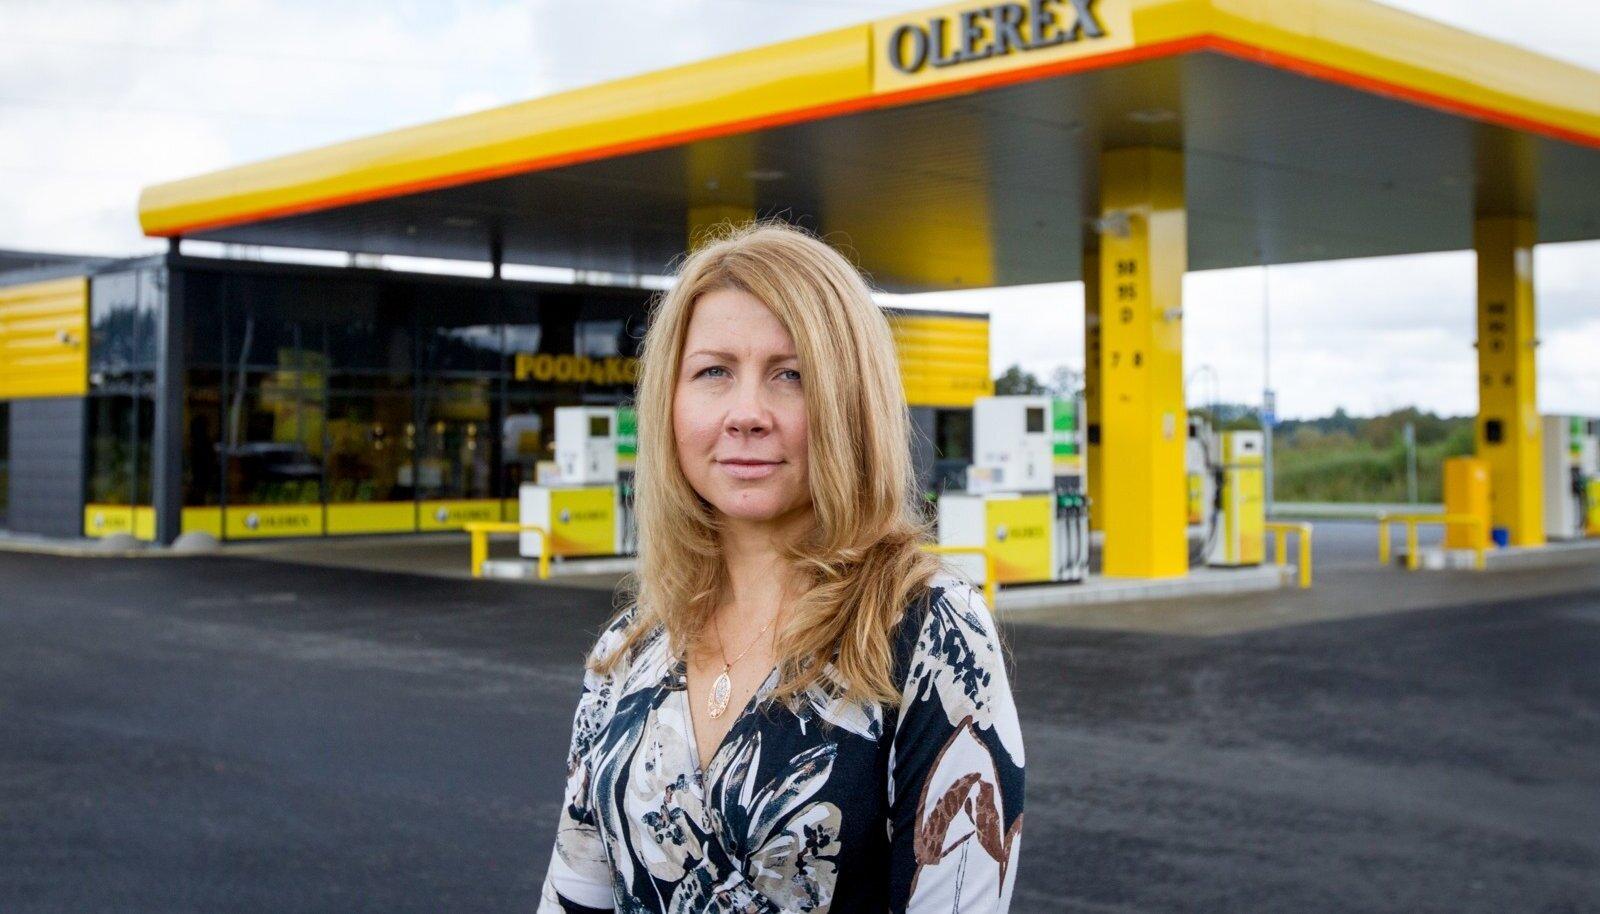 TUJUPÕHINE JUHTIMINE: Endised kaastöötajad kirjeldavad Olerexi tegevjuhti Piret Millerit äkilise naisena, kes on ühel hetkel nagu leebe tuuleke, teisel aga keeb vihast. Tal on kindel seljatagune: eraeluline suhe ühega firma kahest omanikust.